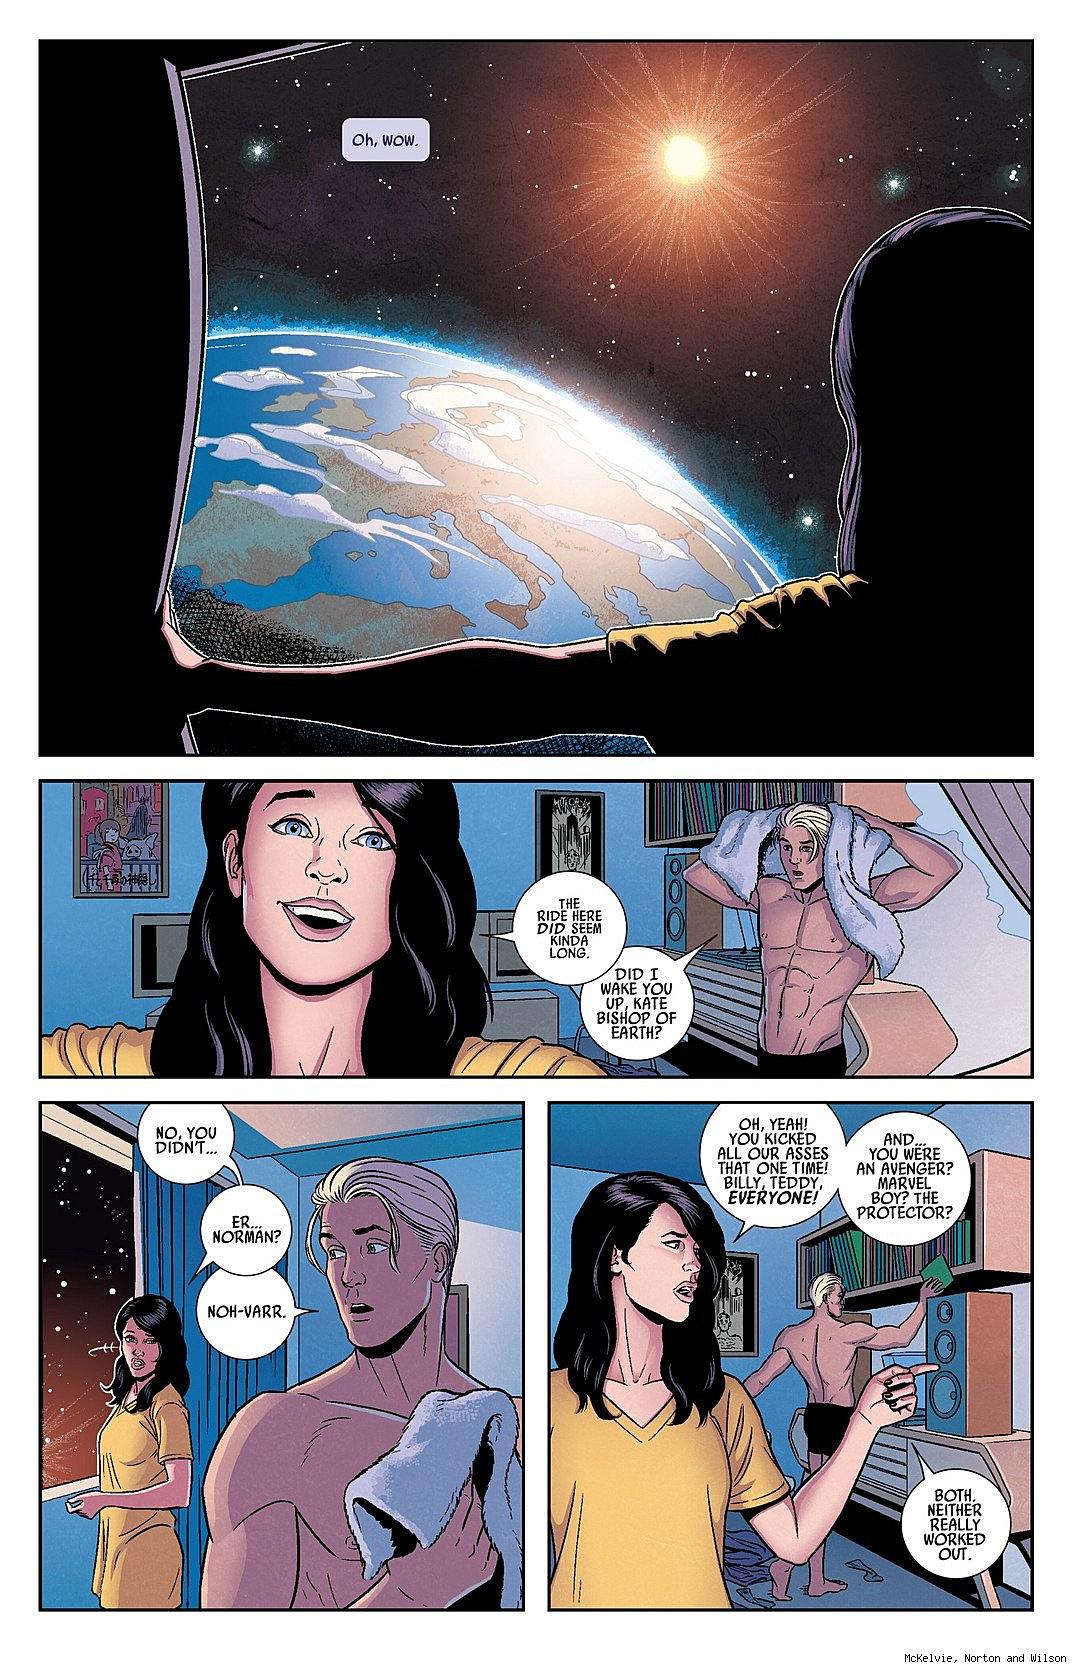 Young sex comics